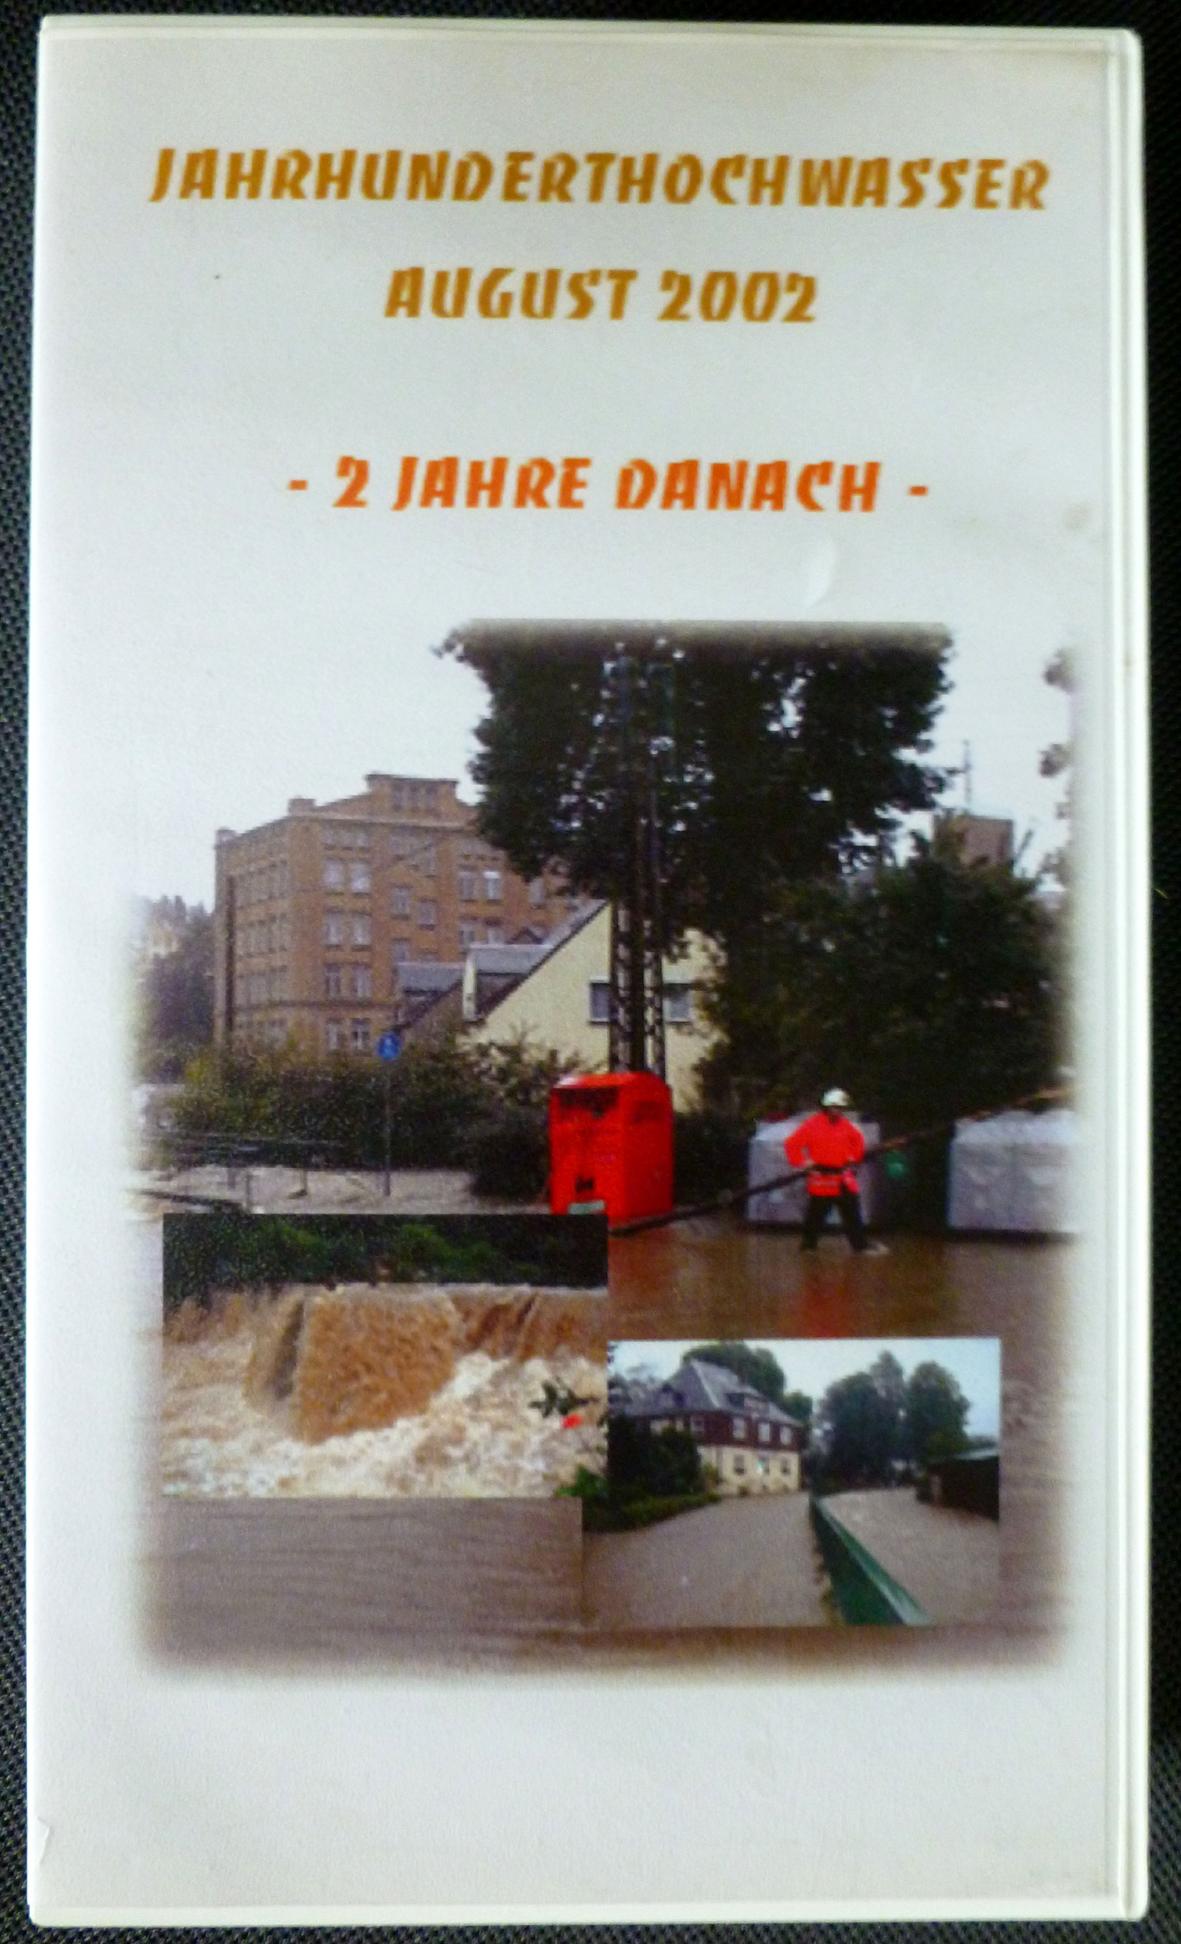 """Video: """"Jahrhunderthochwasser August 2002"""""""